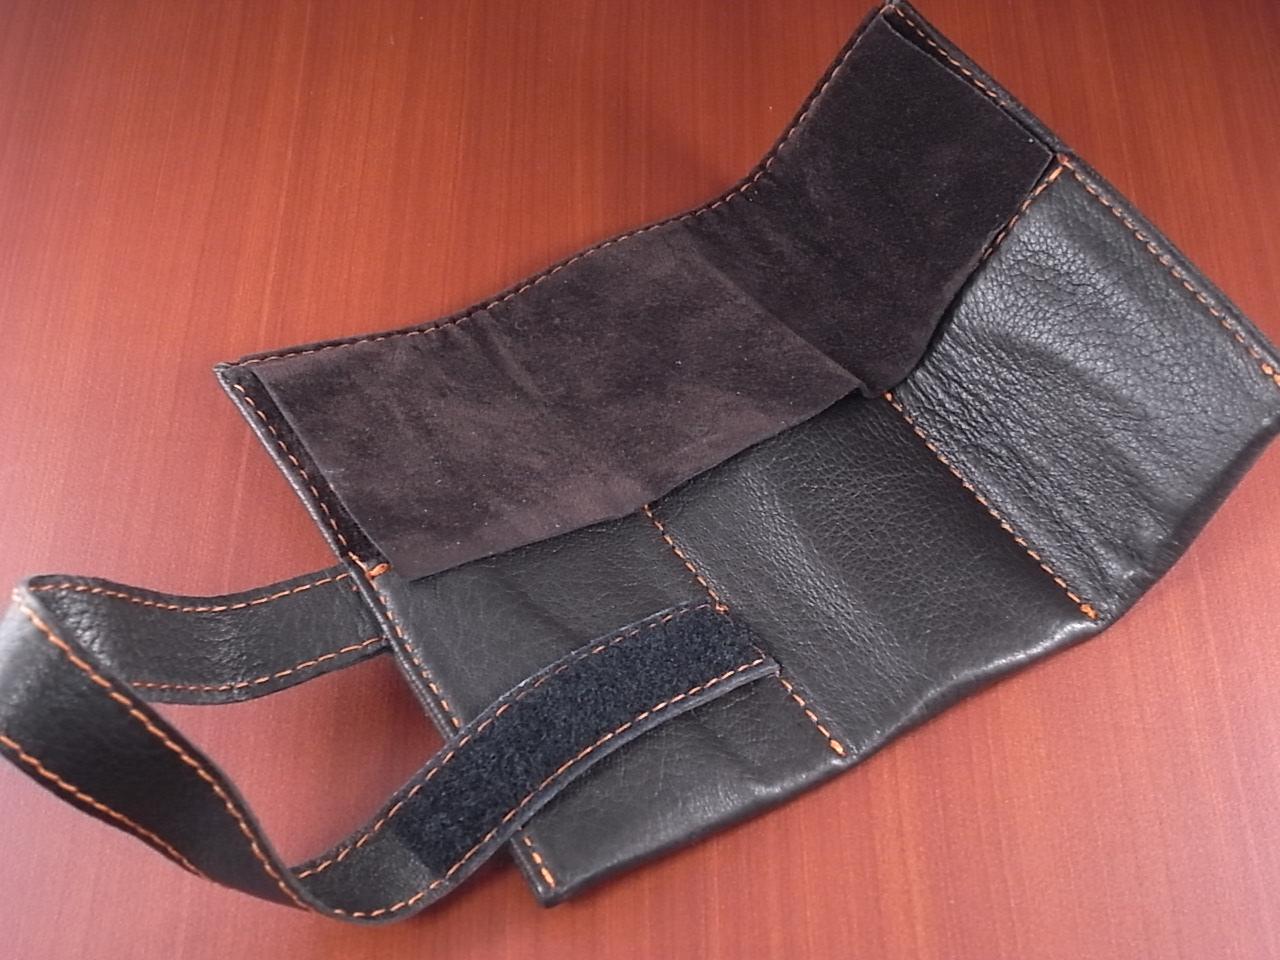 本革時計ケース 携帯タイプ 3本用 イタリア製 焦茶 オレンジステッチの写真2枚目